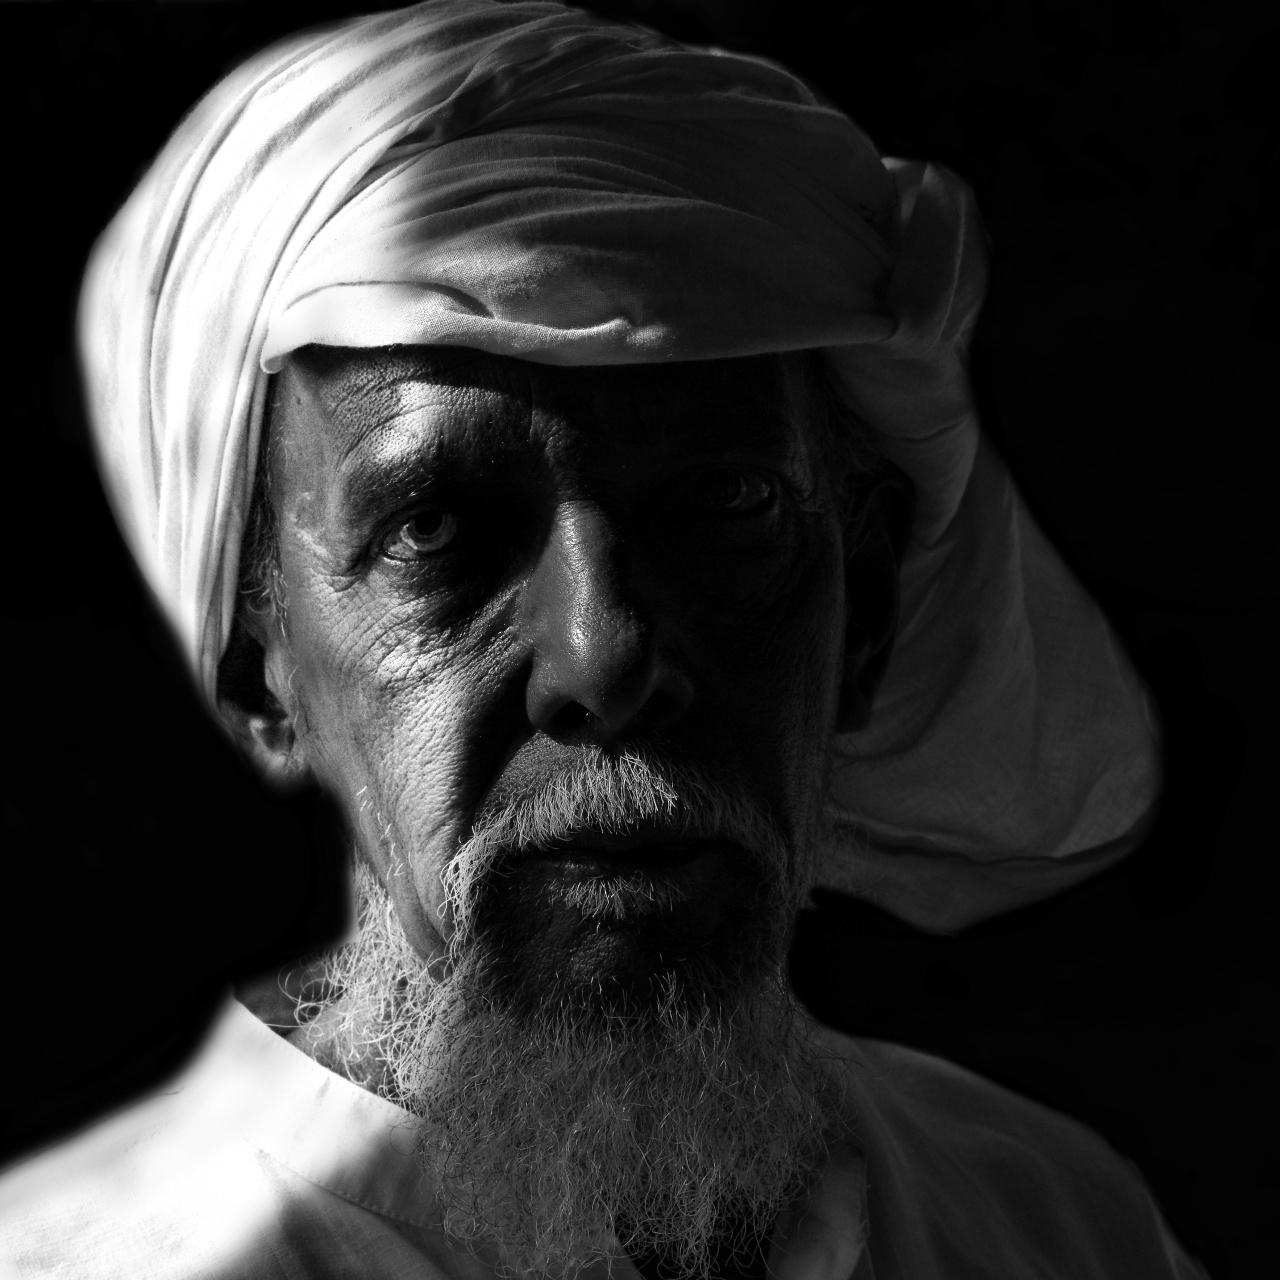 Old Man Portrait